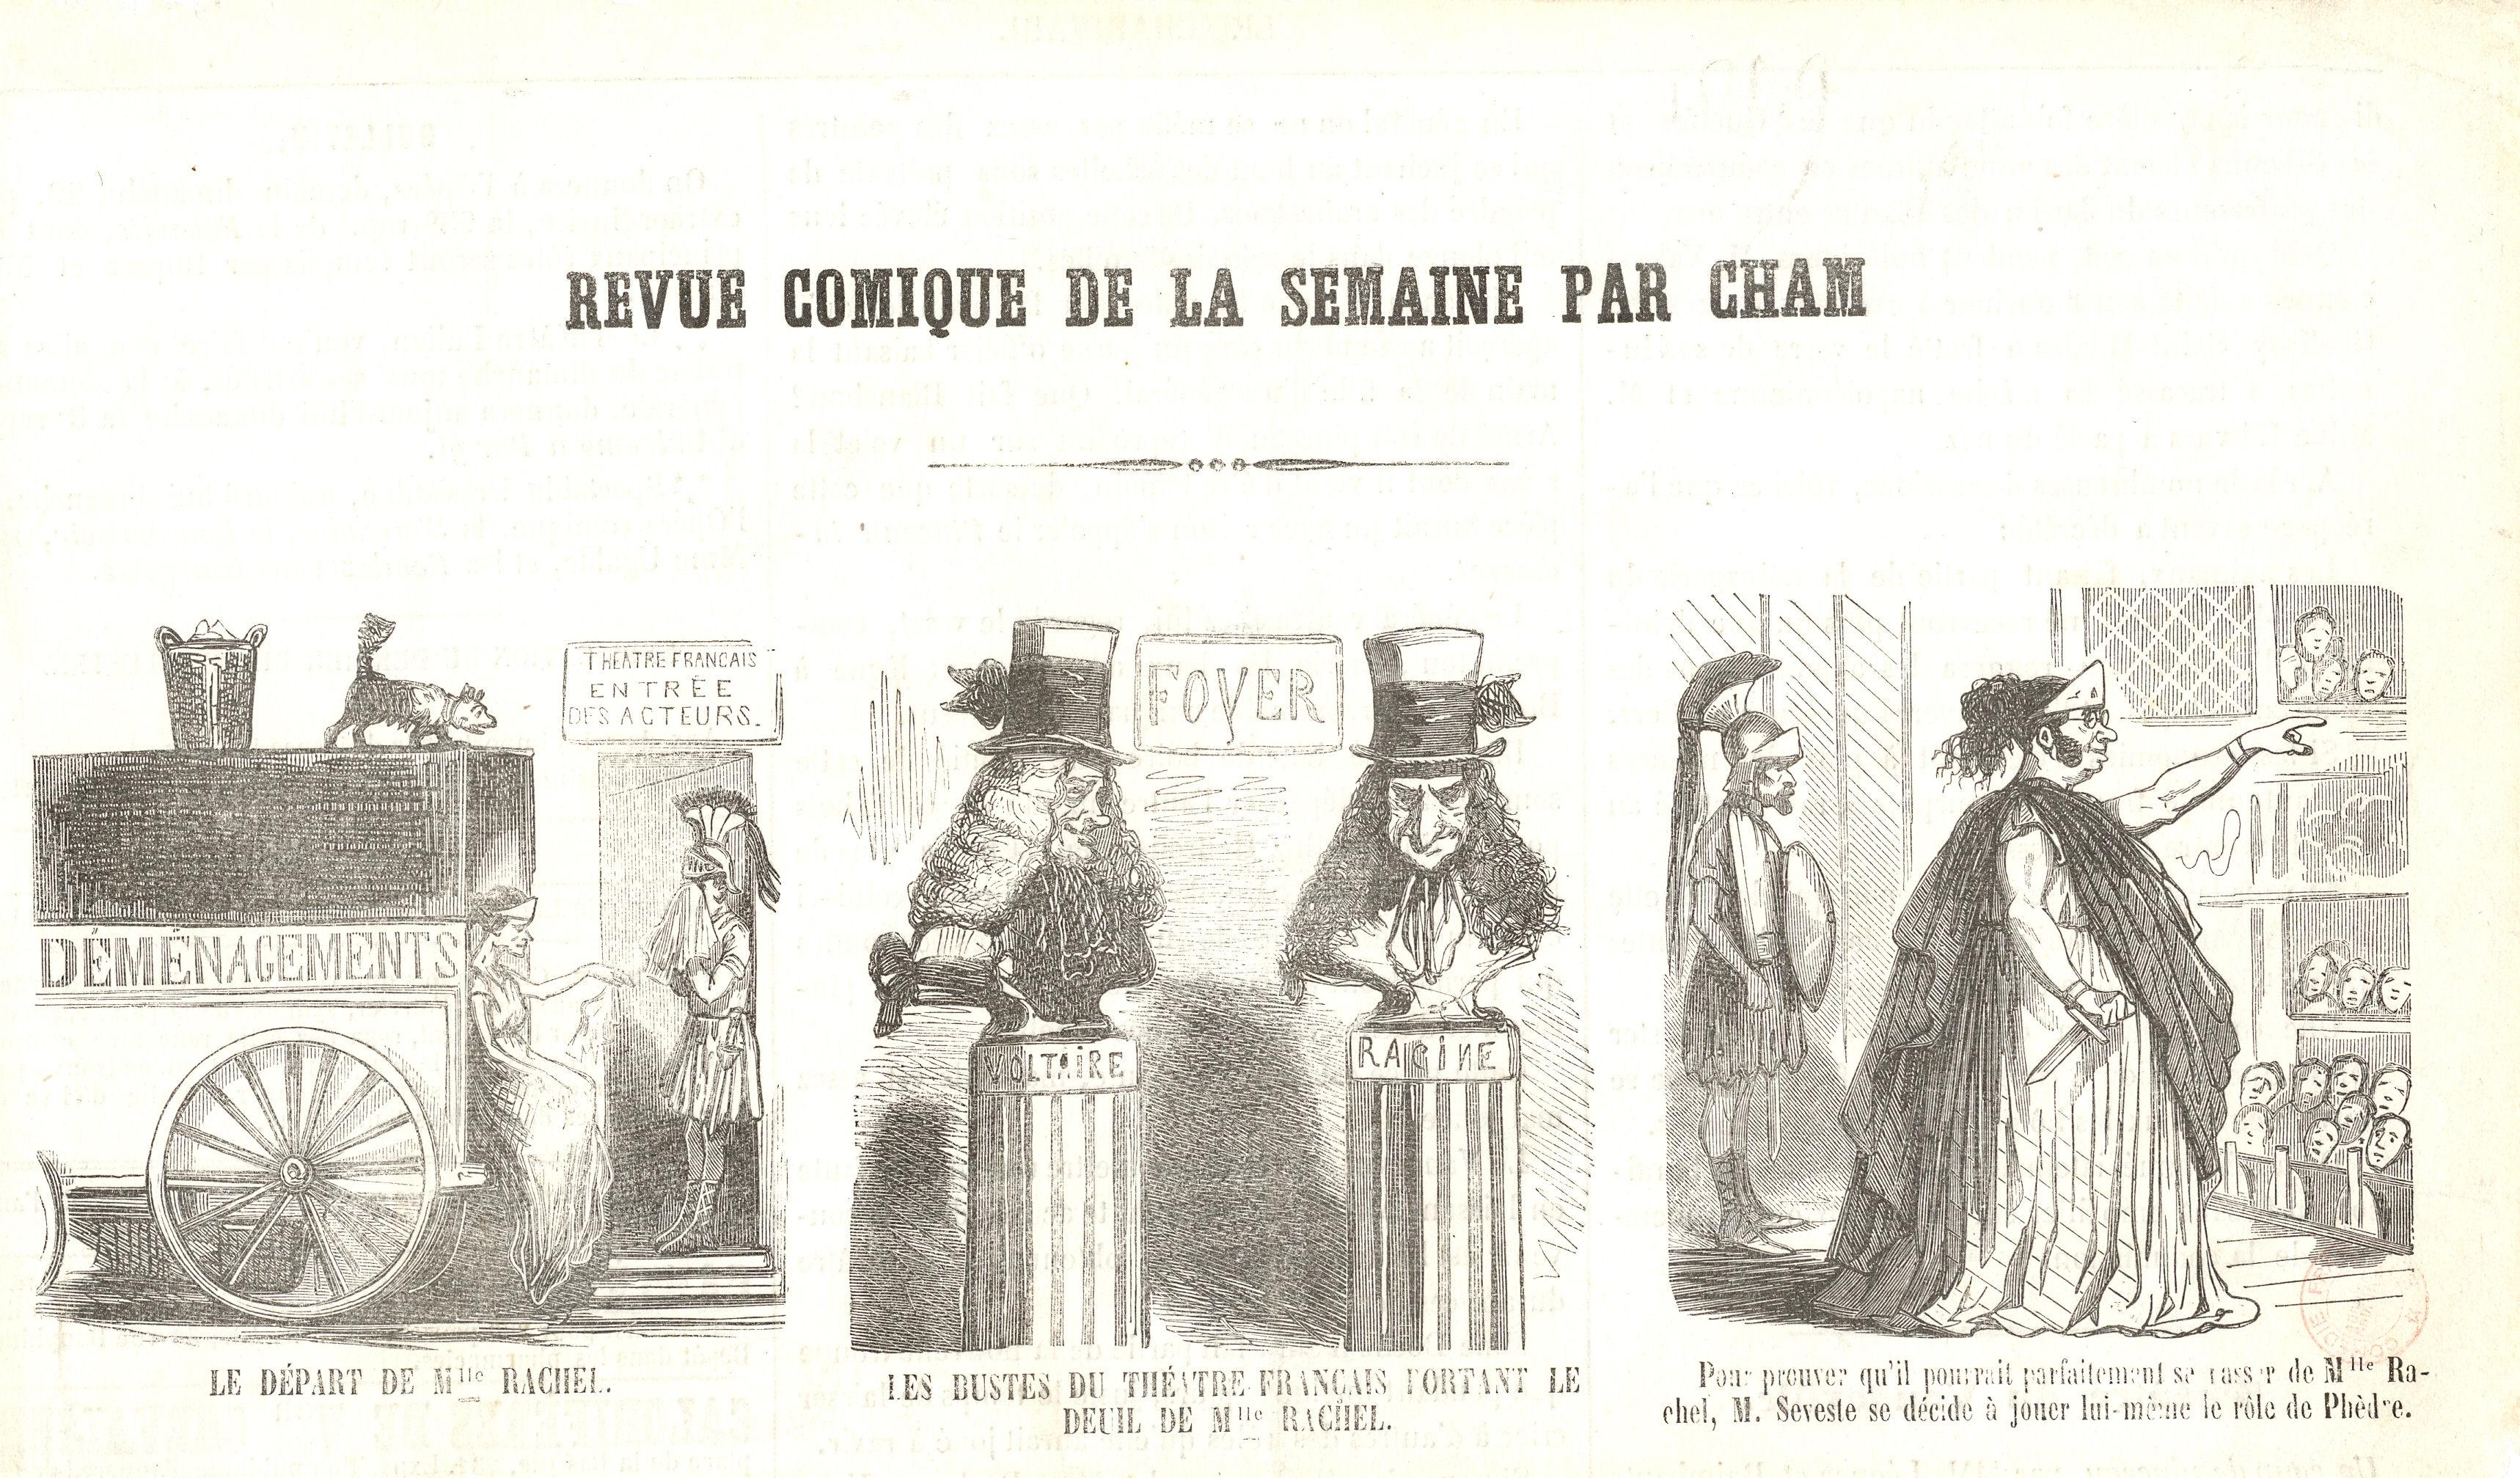 09-rachel-revue-comique-de-la-semaine-par-cham-le-charivari